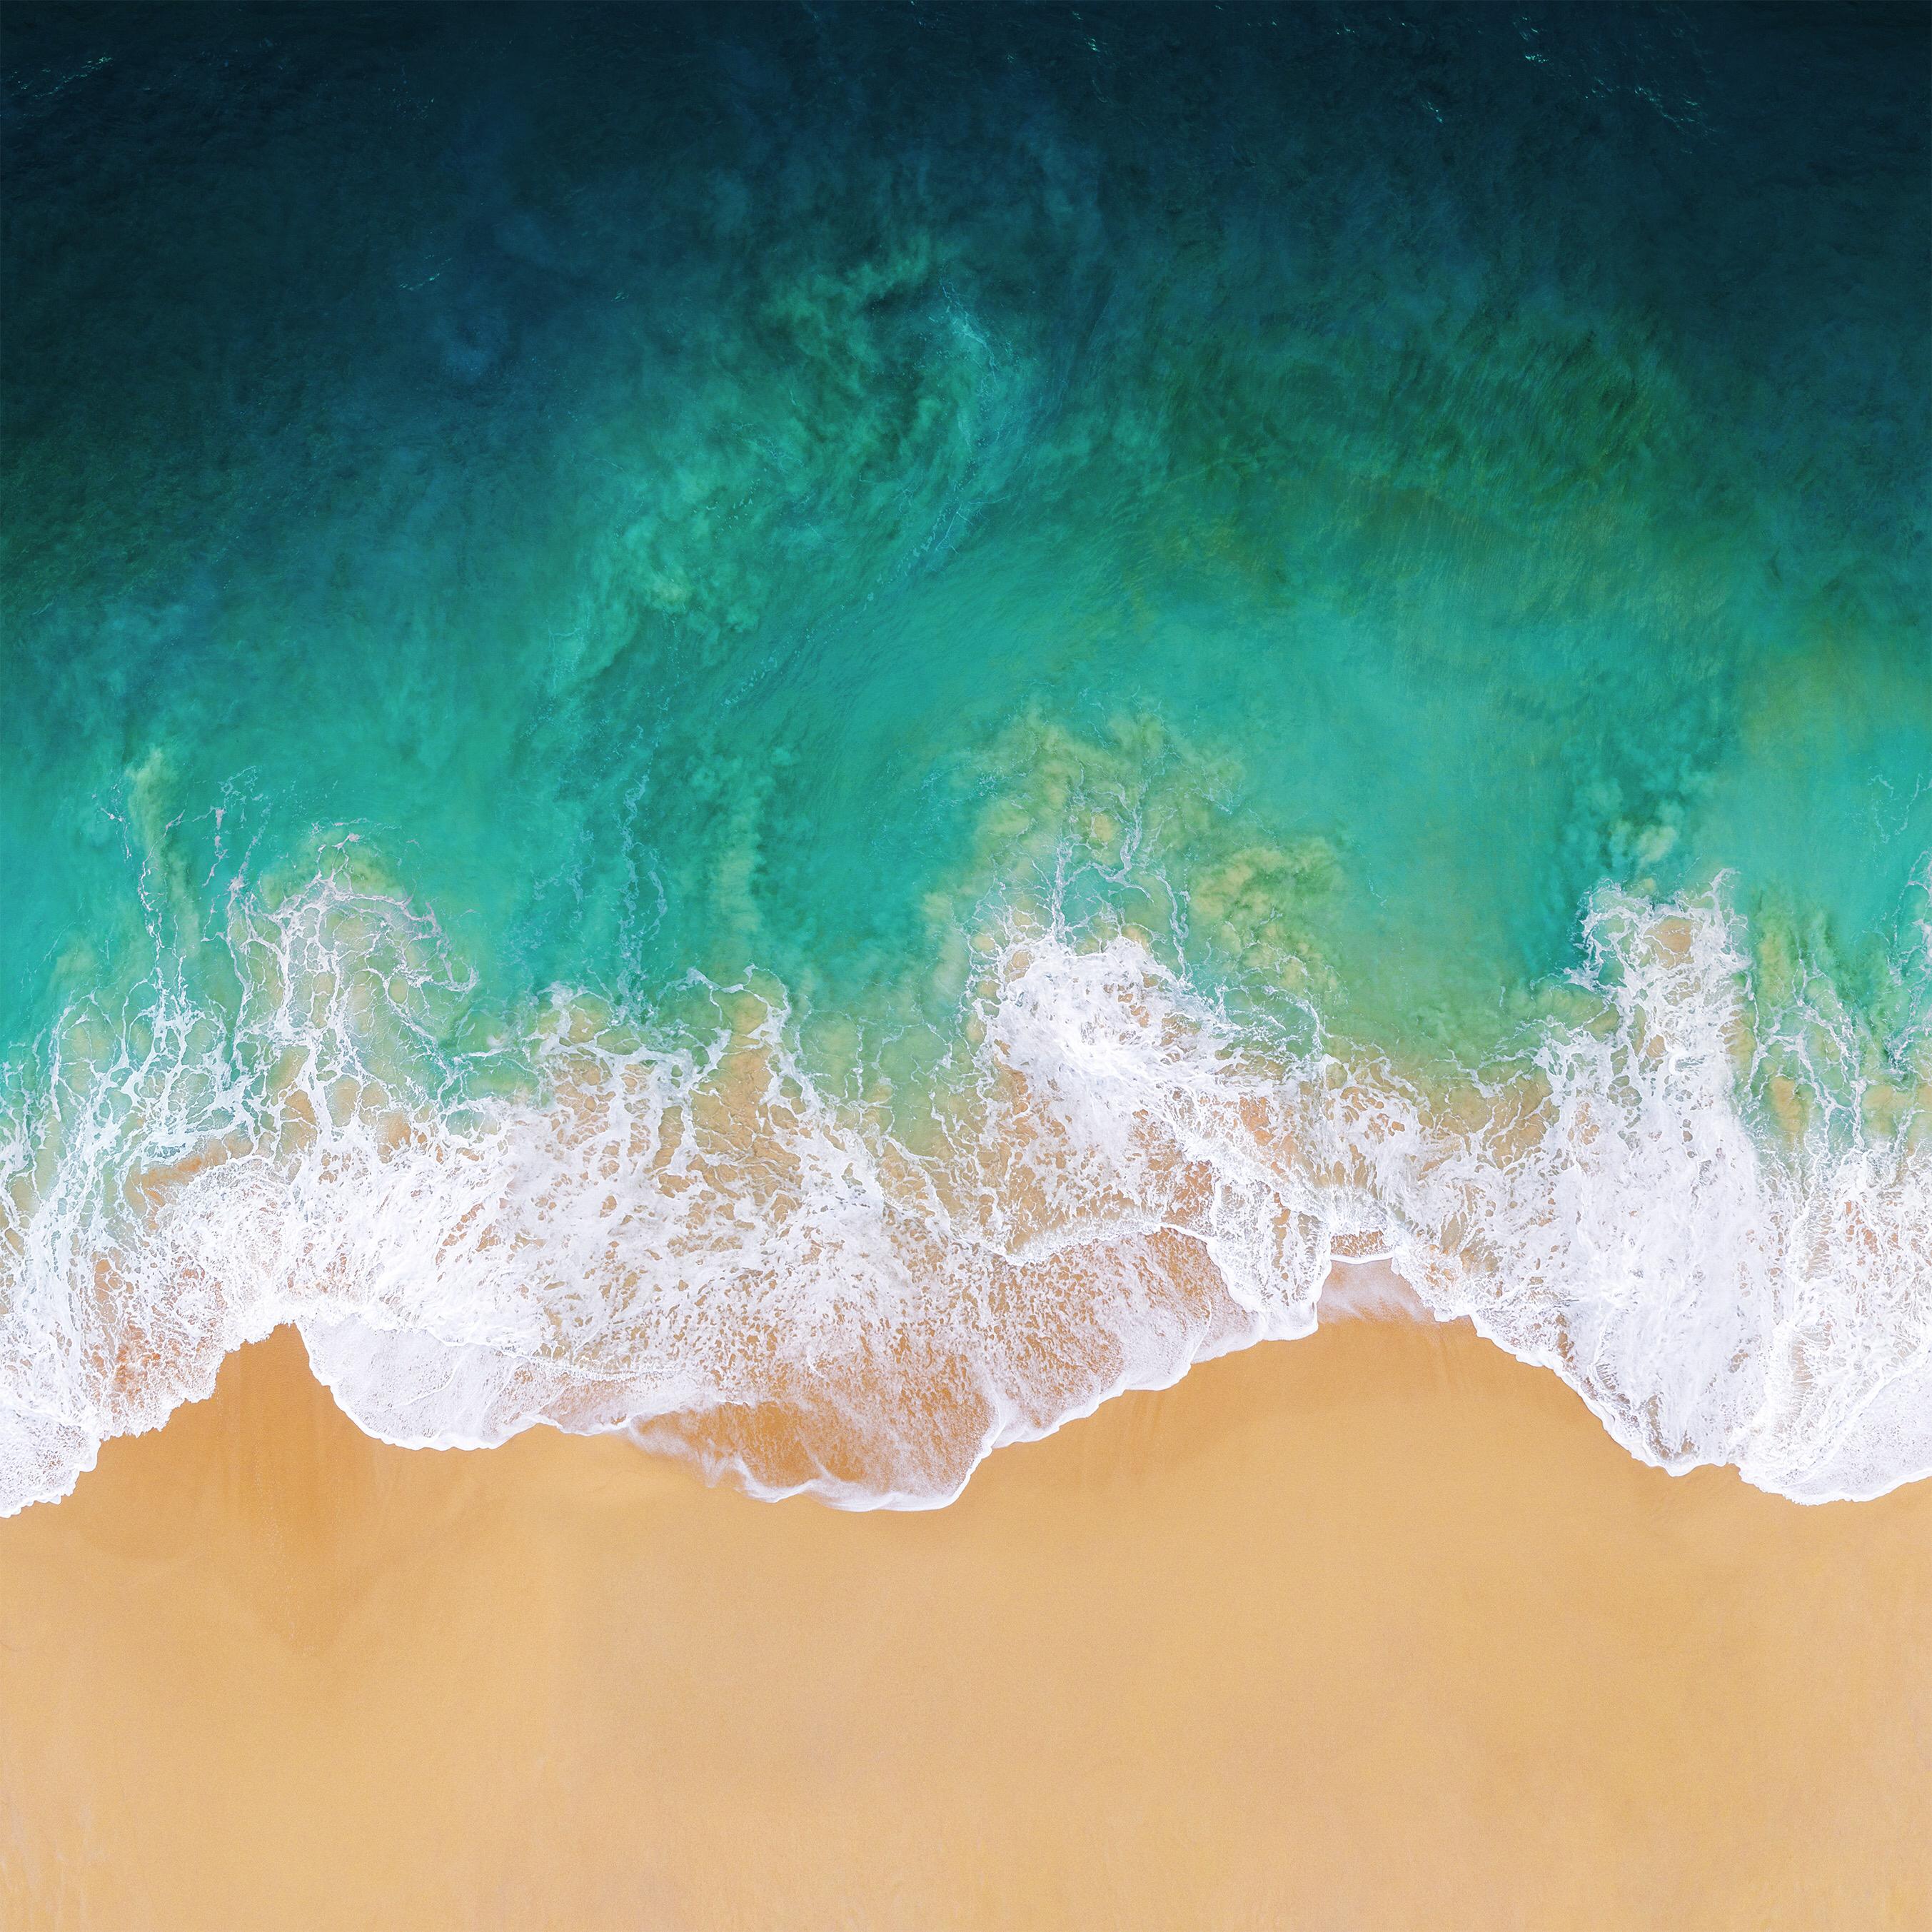 Grab the iOS 11 Default Wallpaper 2706x2706